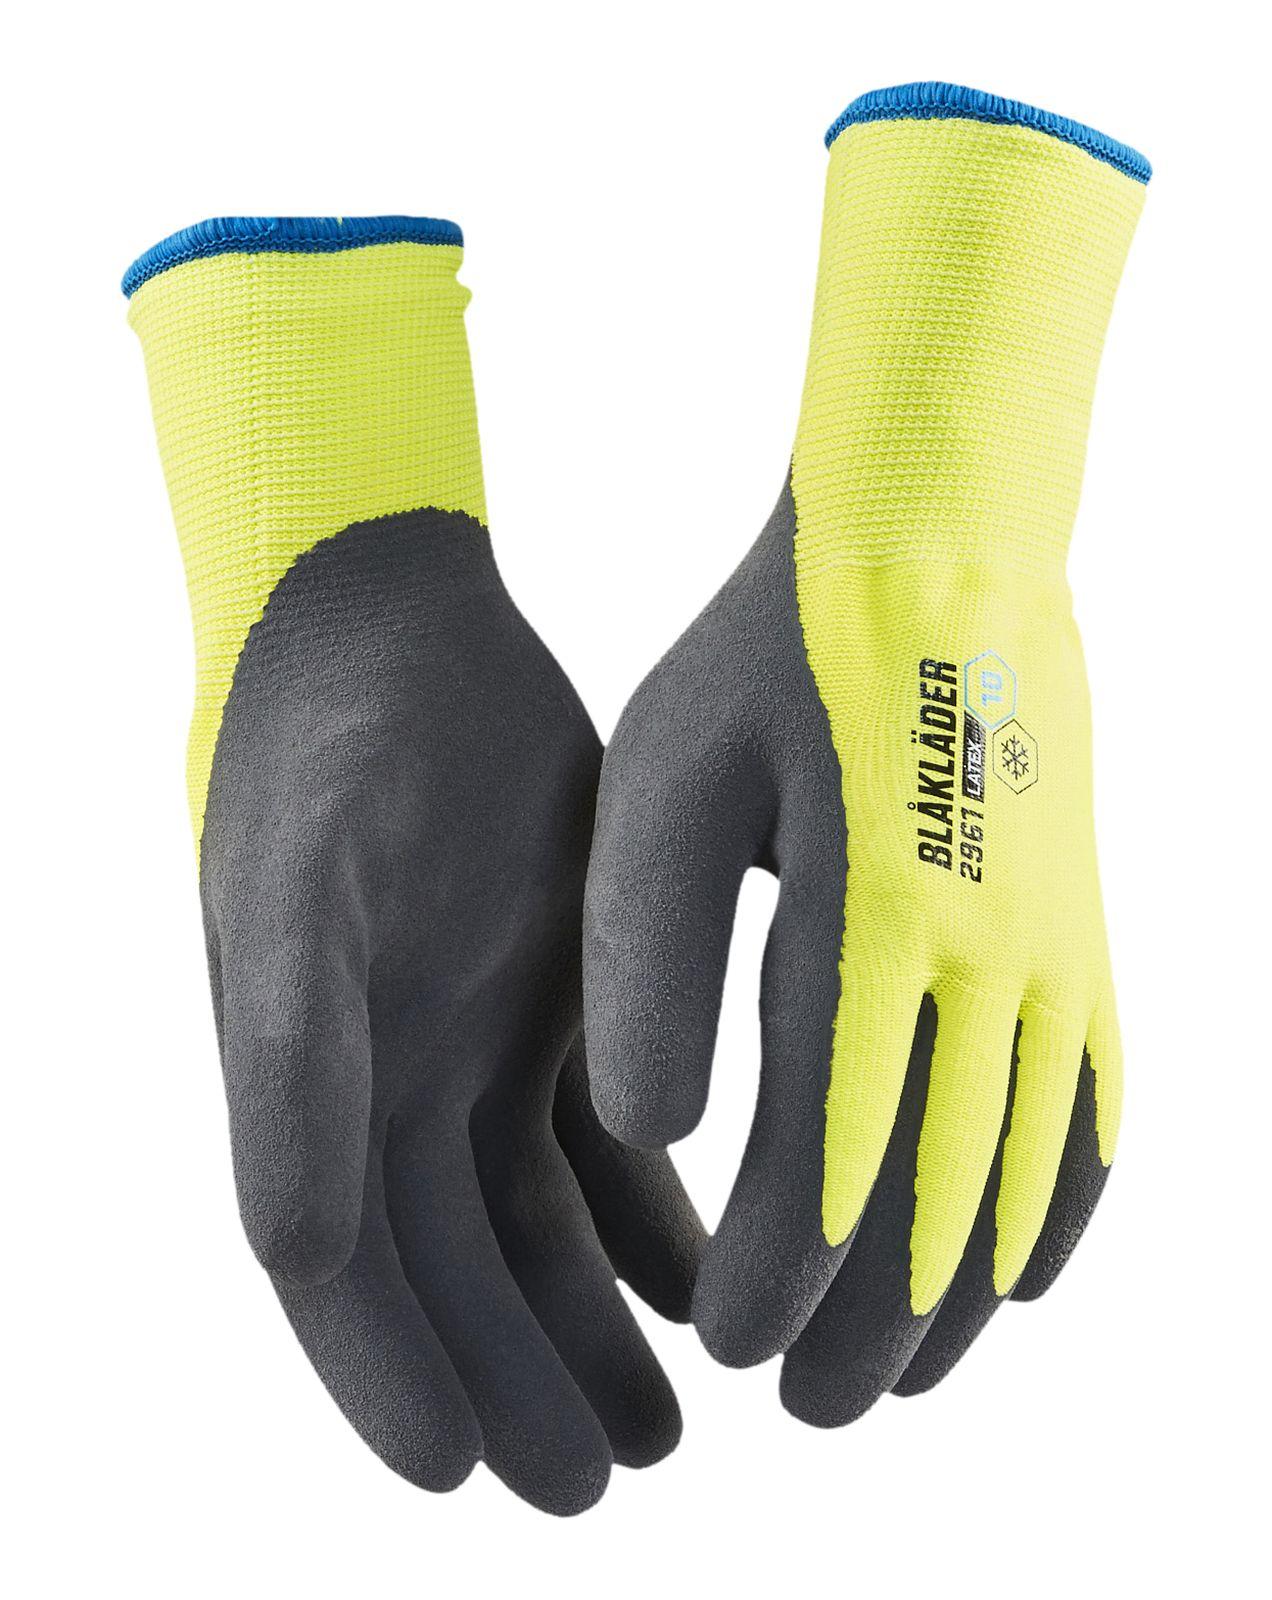 Blaklader Handschoenen 29611451 fluo-geel(3300)